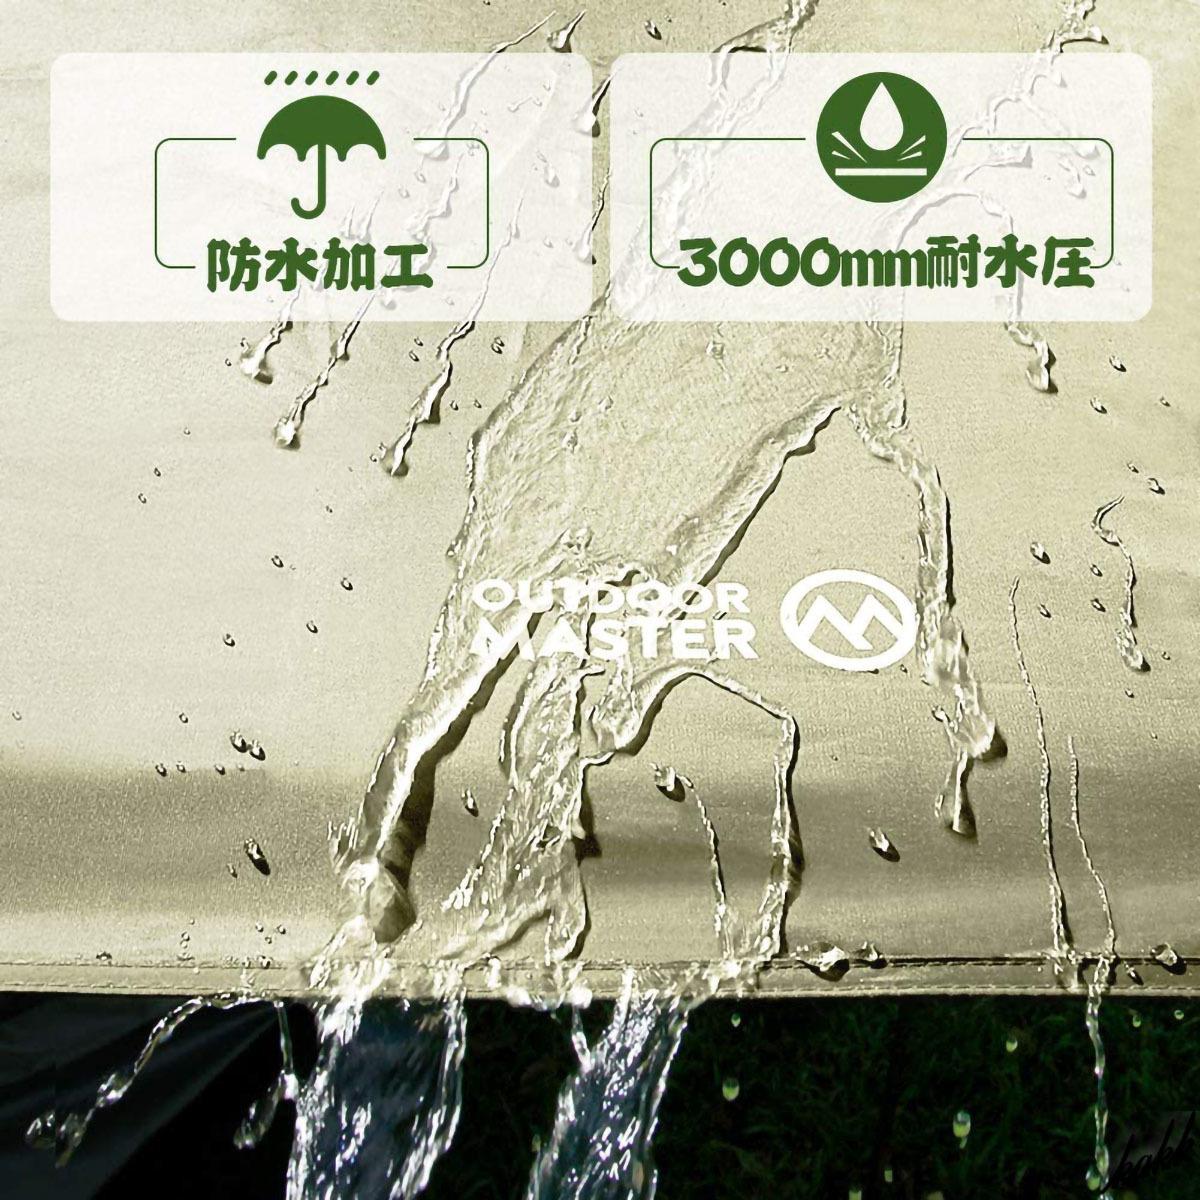 【軽量コンパクト収納】 スクエアタープ 300×300cm UPF50+ 耐水圧3000mm シーム加工 シルバーコーティング 防水収納ケース 黄緑